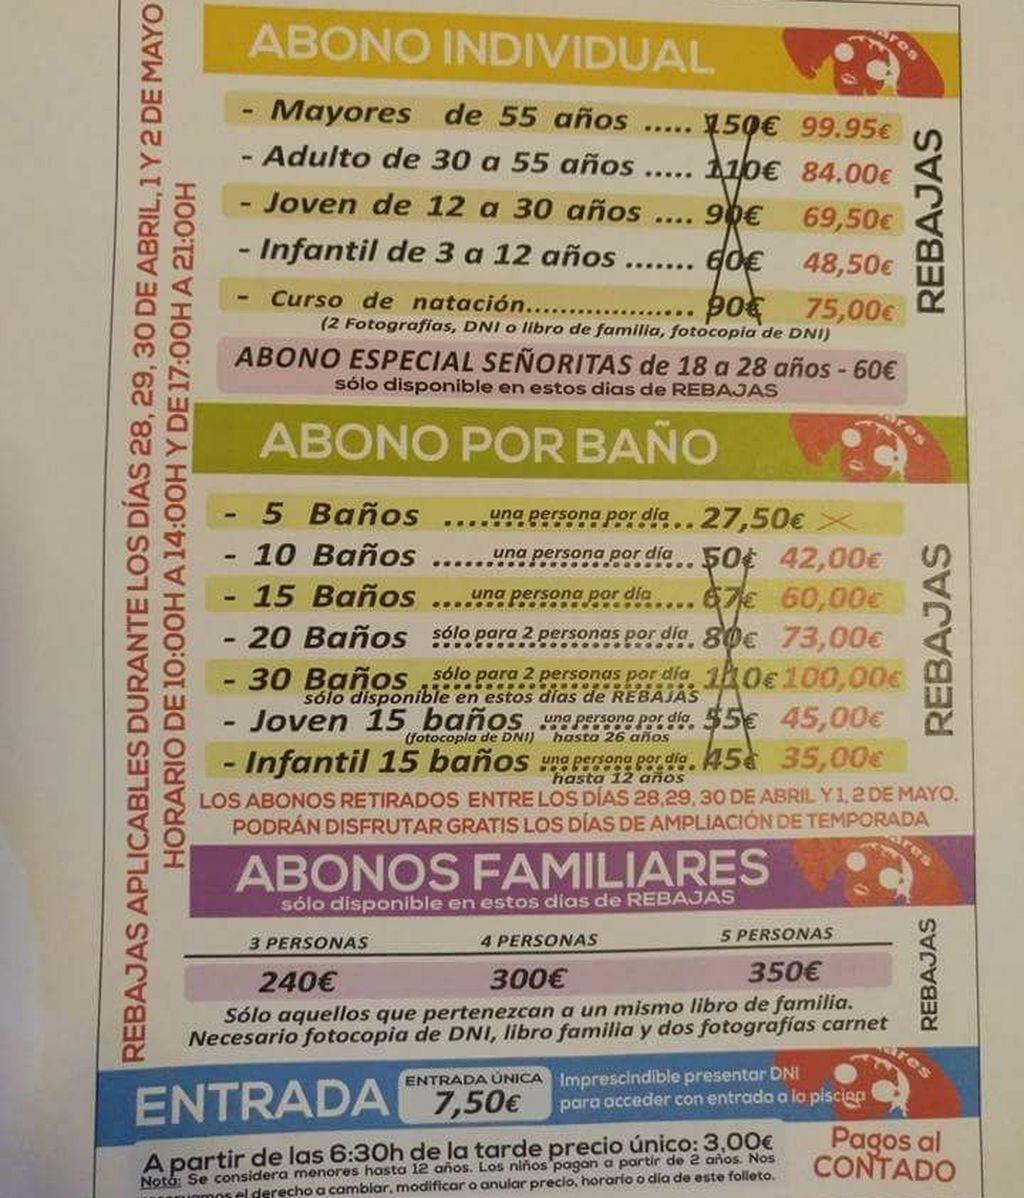 """Denuncian """"publicidad sexista"""" en el folleto de una piscina de Linares"""